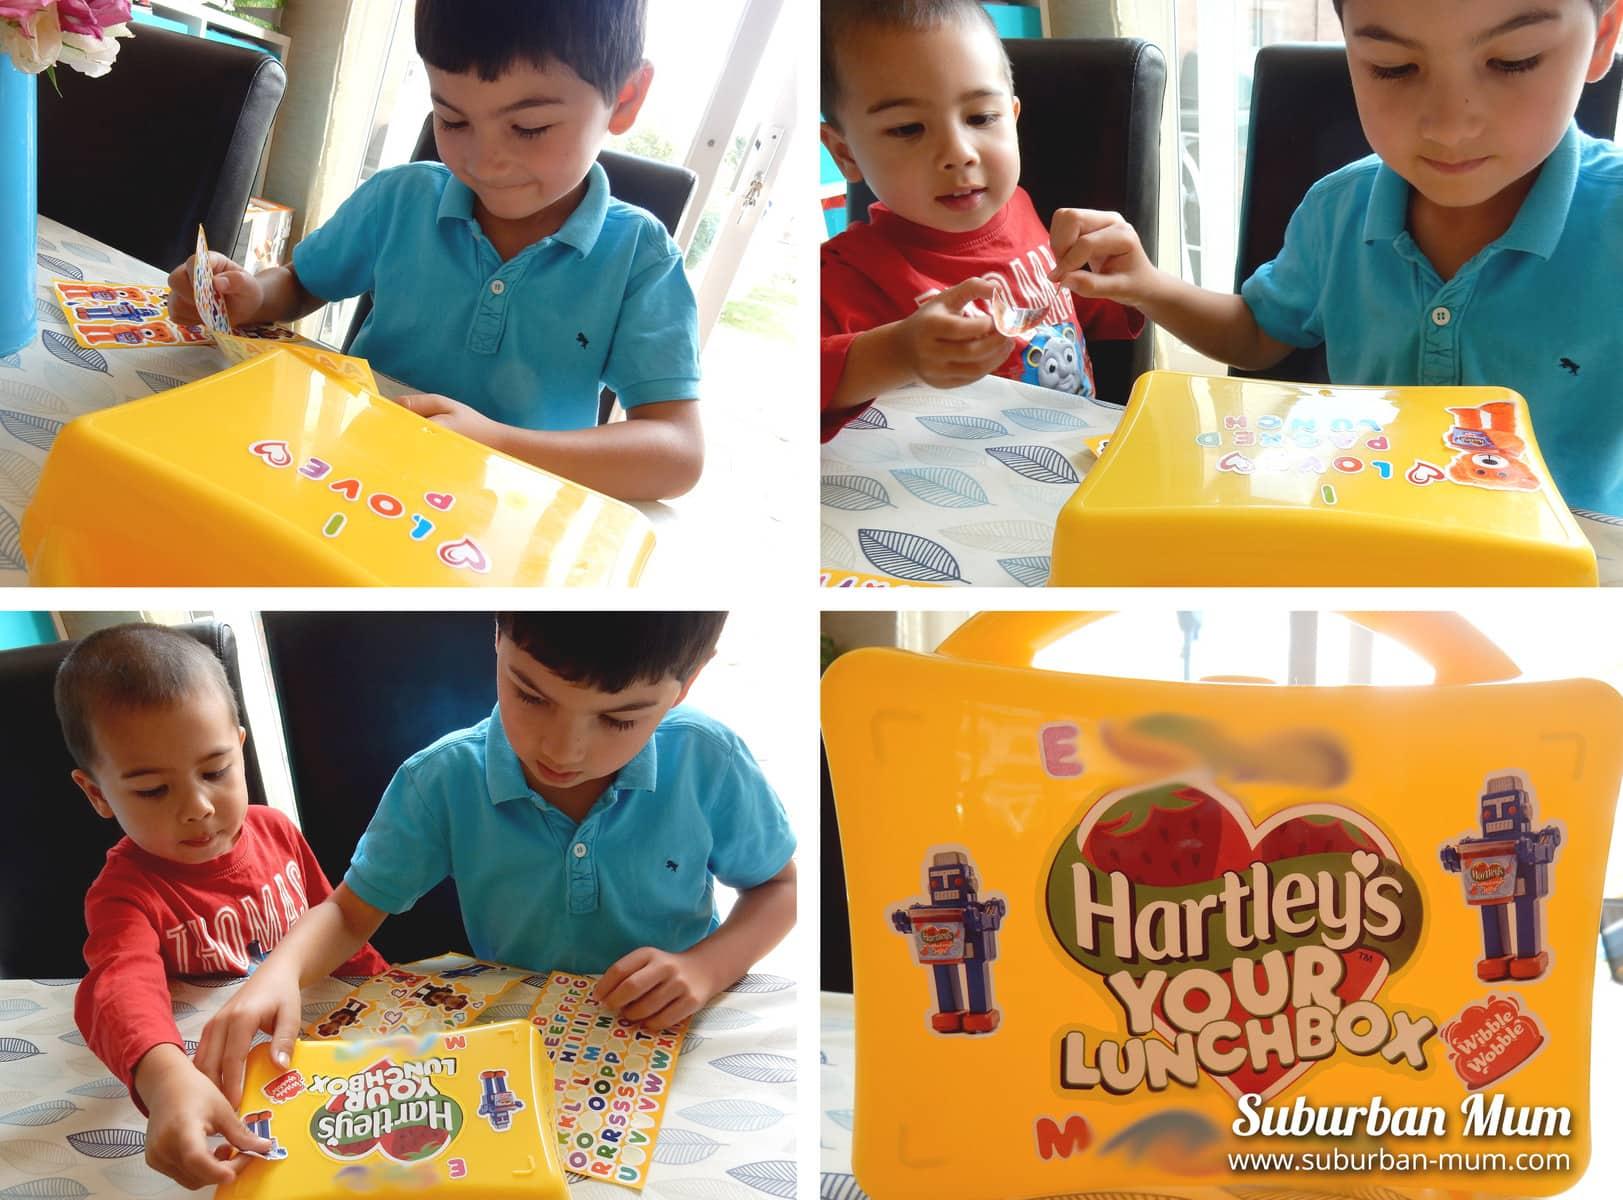 hartleys-lunchbox